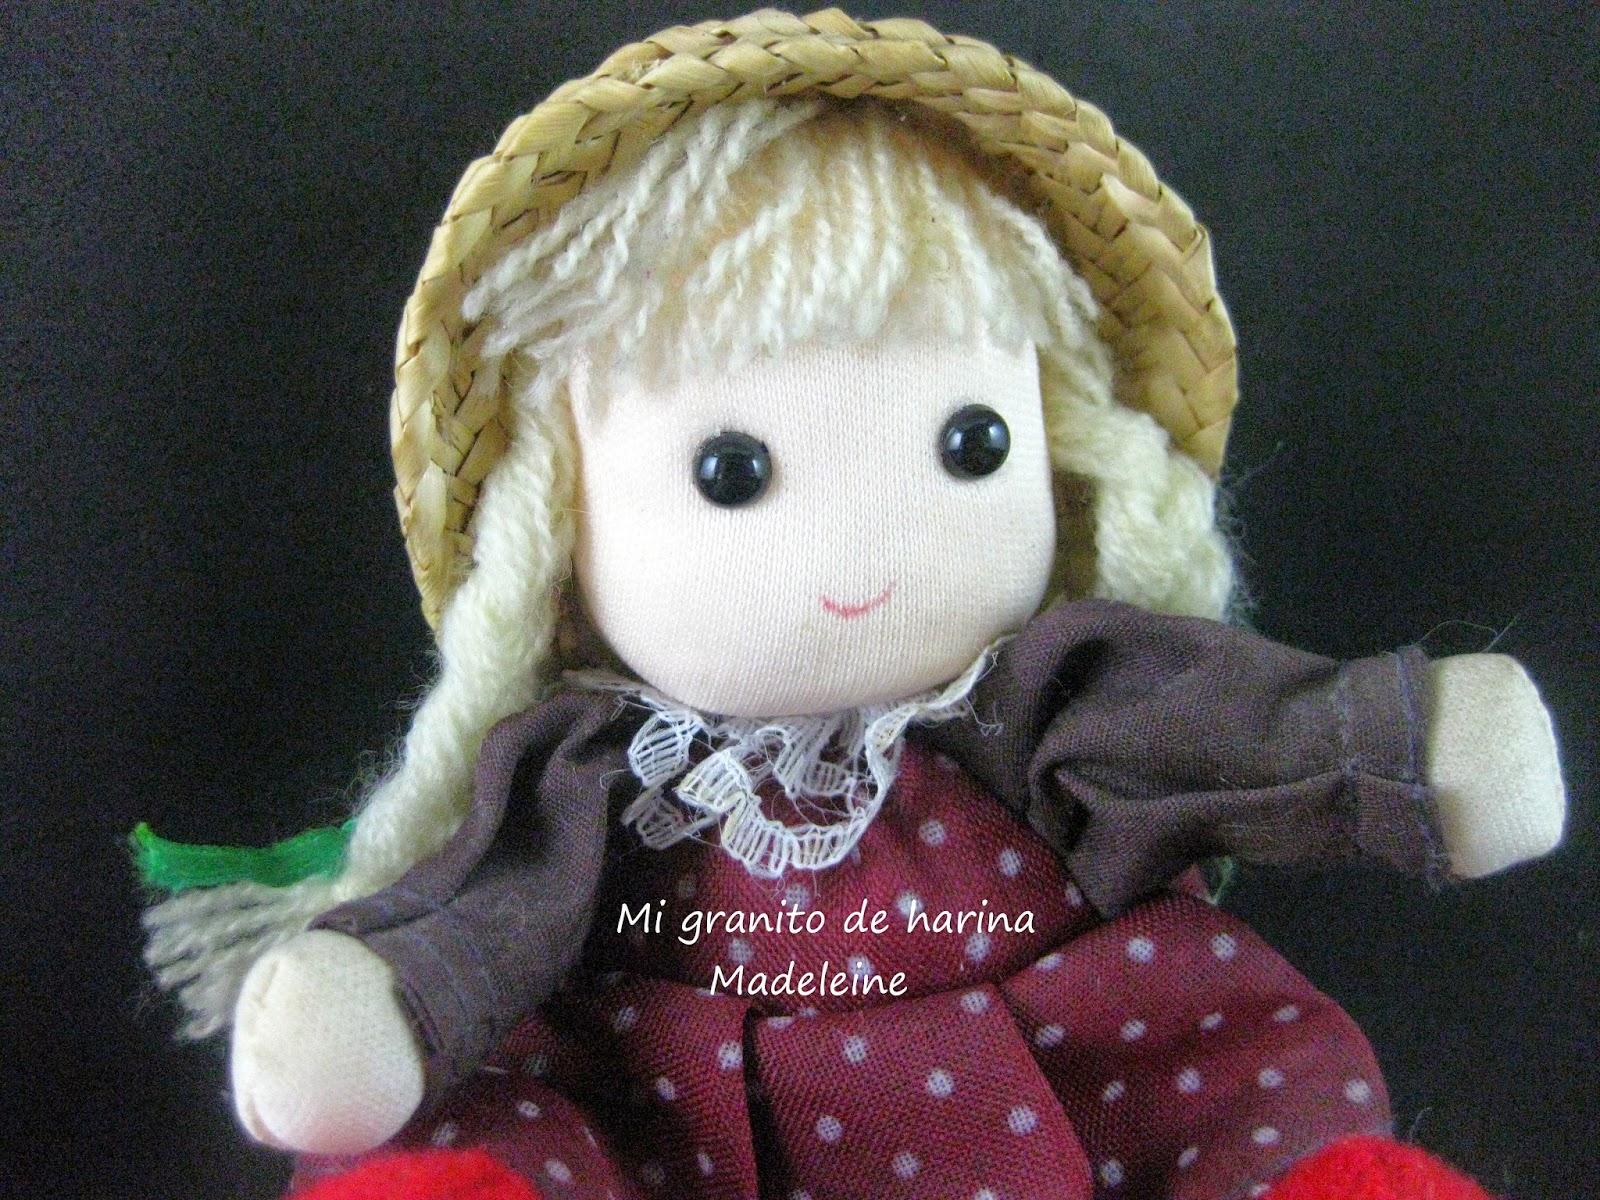 La simpática muñequita que acompaña a nuestras madeleines es una pequeña monada de trapo que tengo desde hace muchos años.